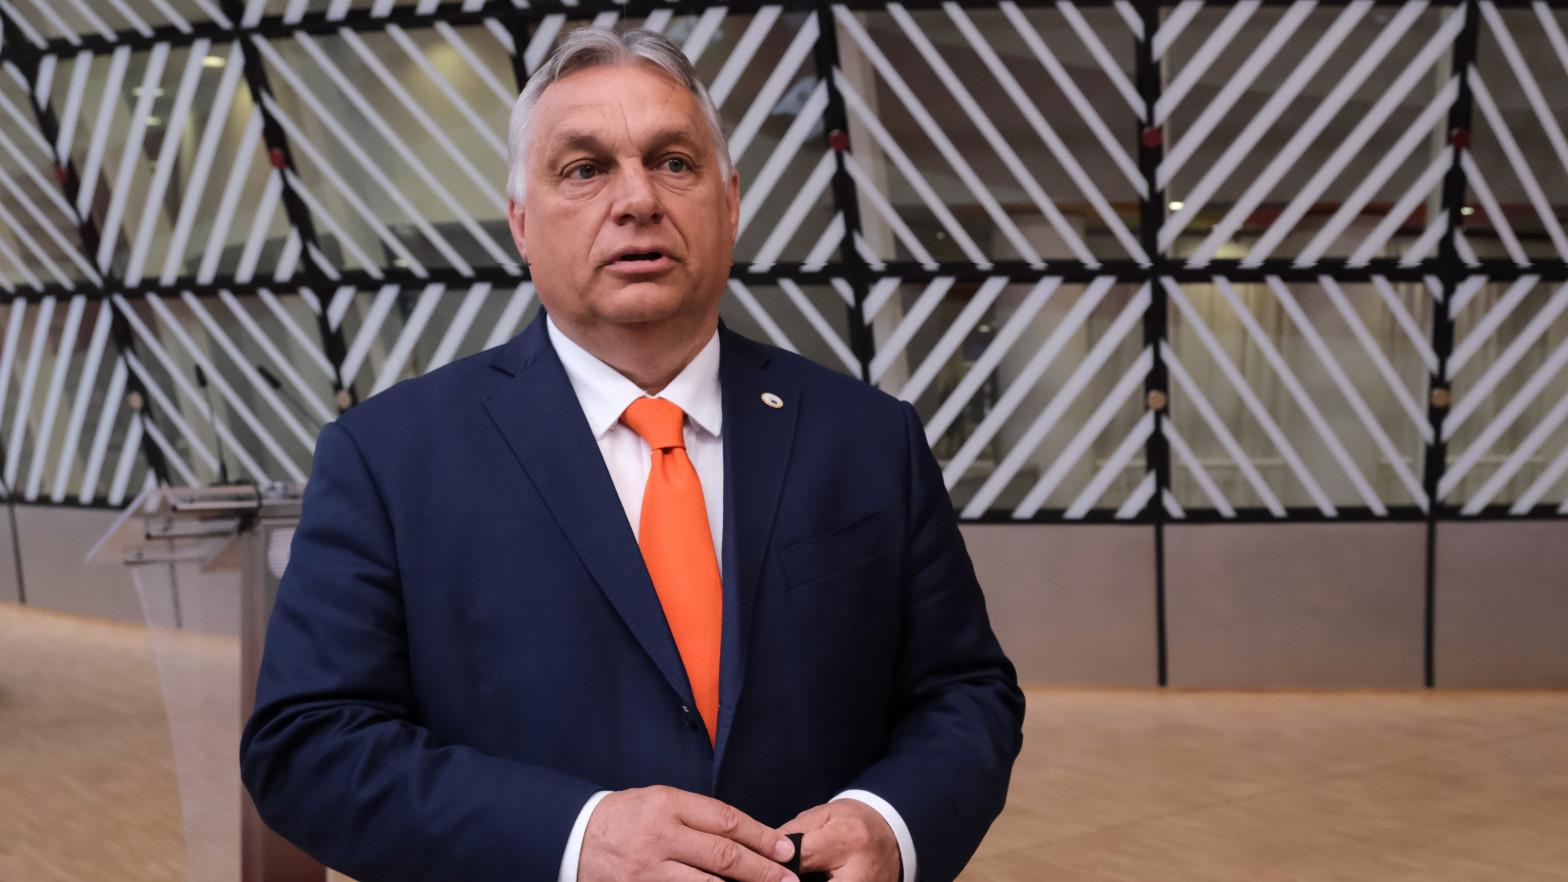 Orban someterá a referéndum la ley anti LGTBI para disipar la presión de la UE sobre Hungría